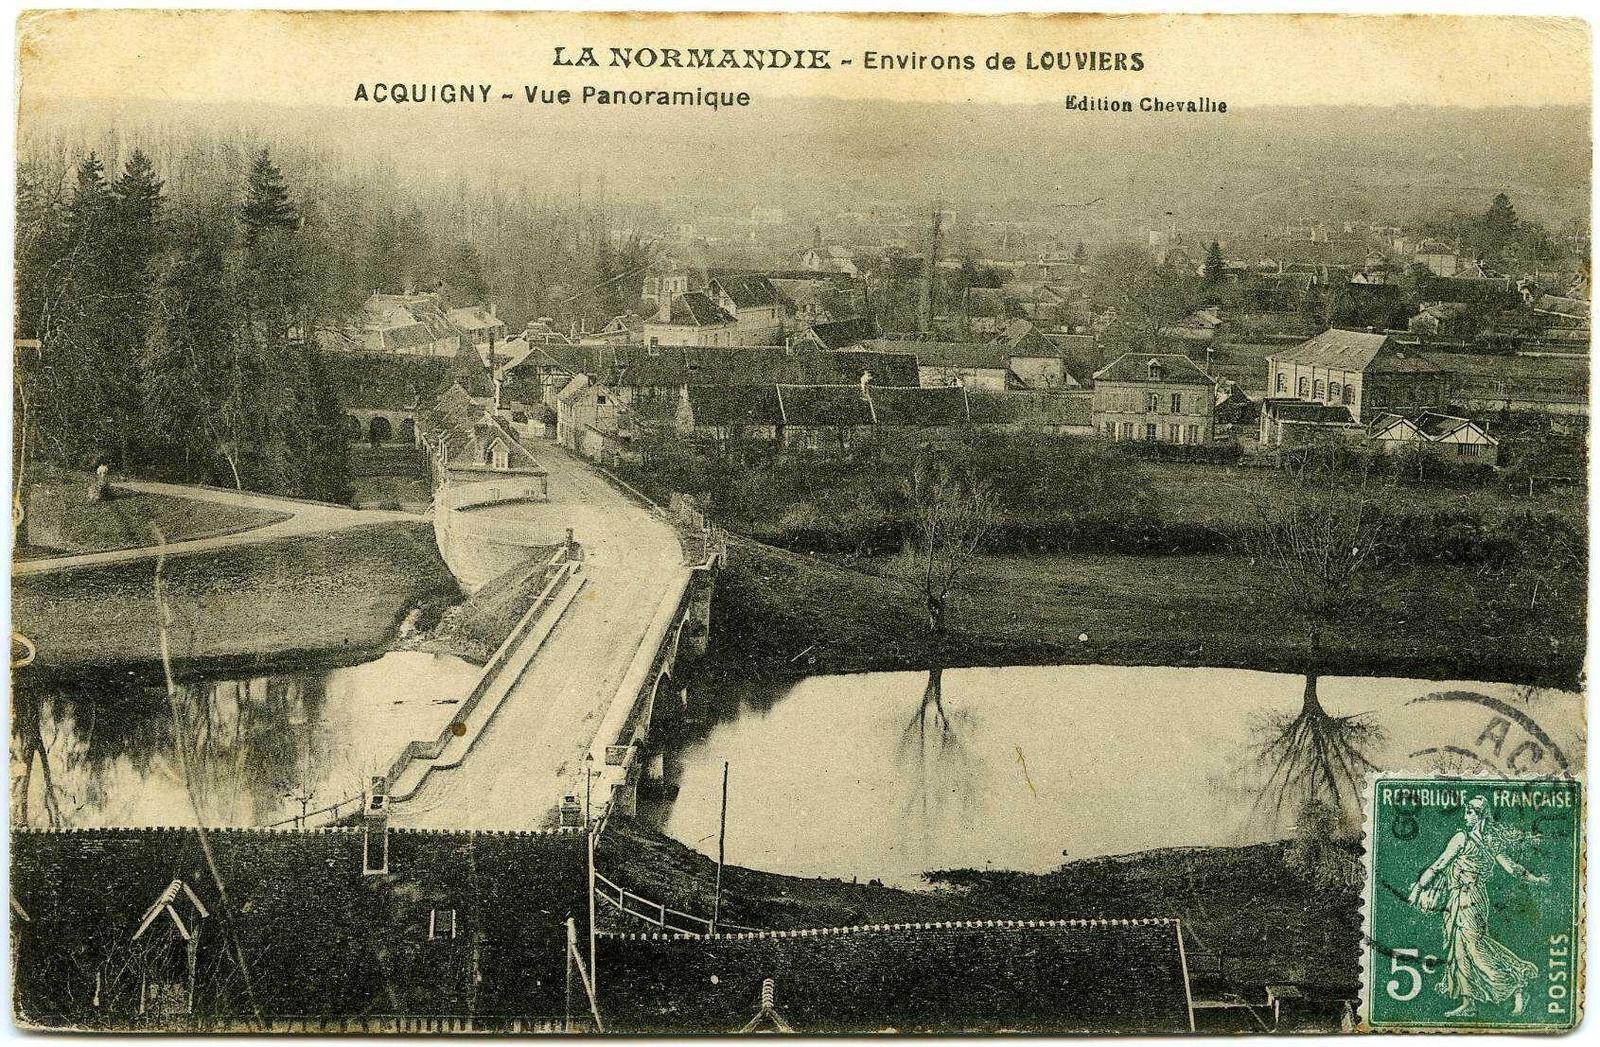 Vue générale depuis la falaise est sur une carte postale des années 1910 conservée aux Archives départementales de l'Eure (10 NUM 3612).